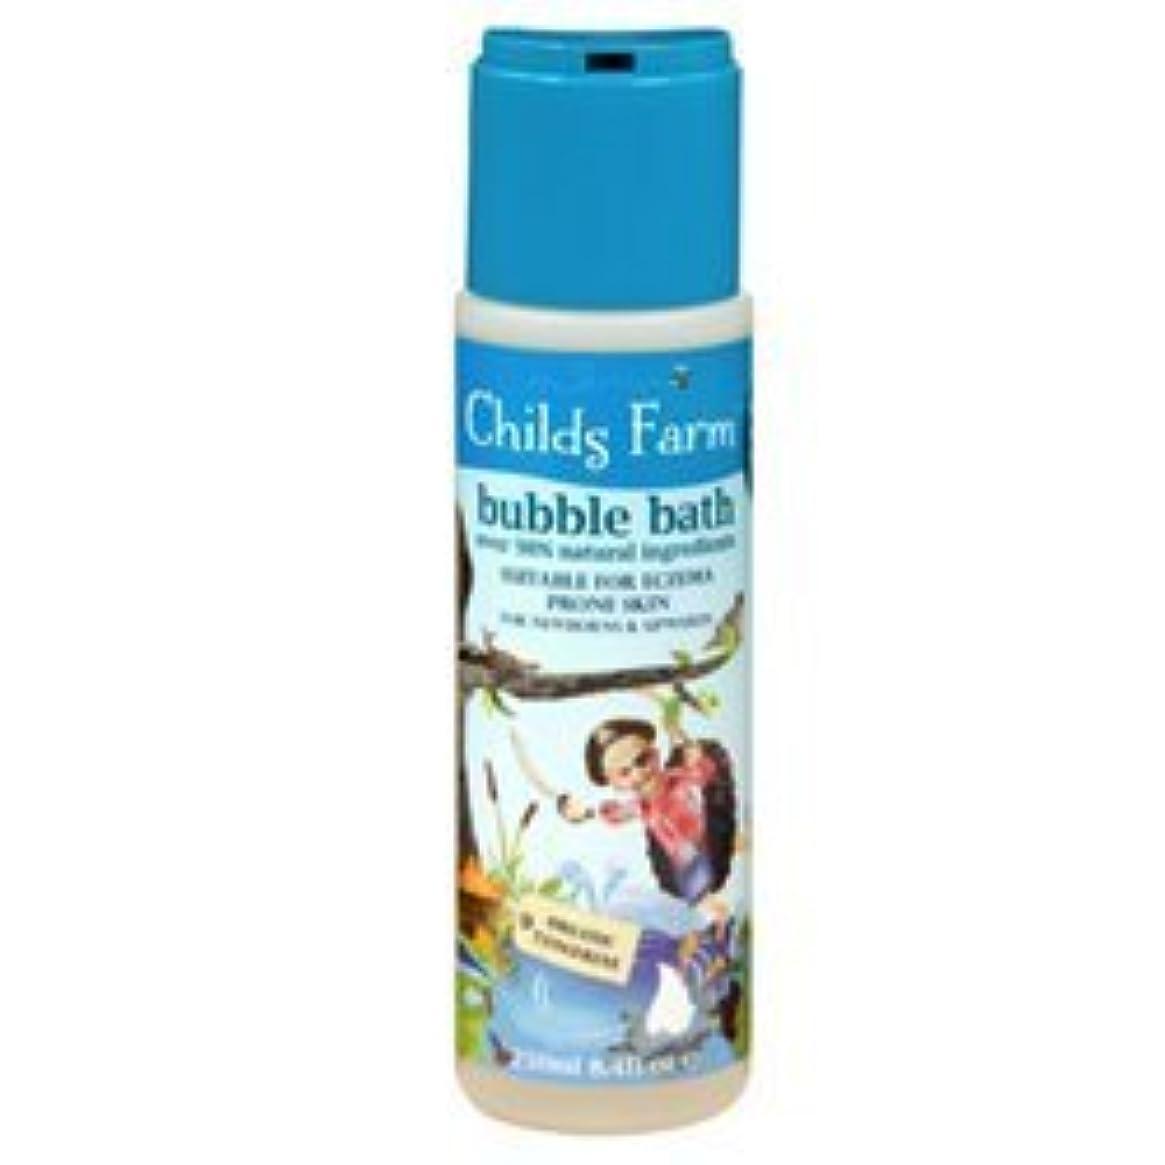 かもしれない保護する新着Childs Farm Bubble bath for Buccaneers 250ml x 1 by Childs Farm